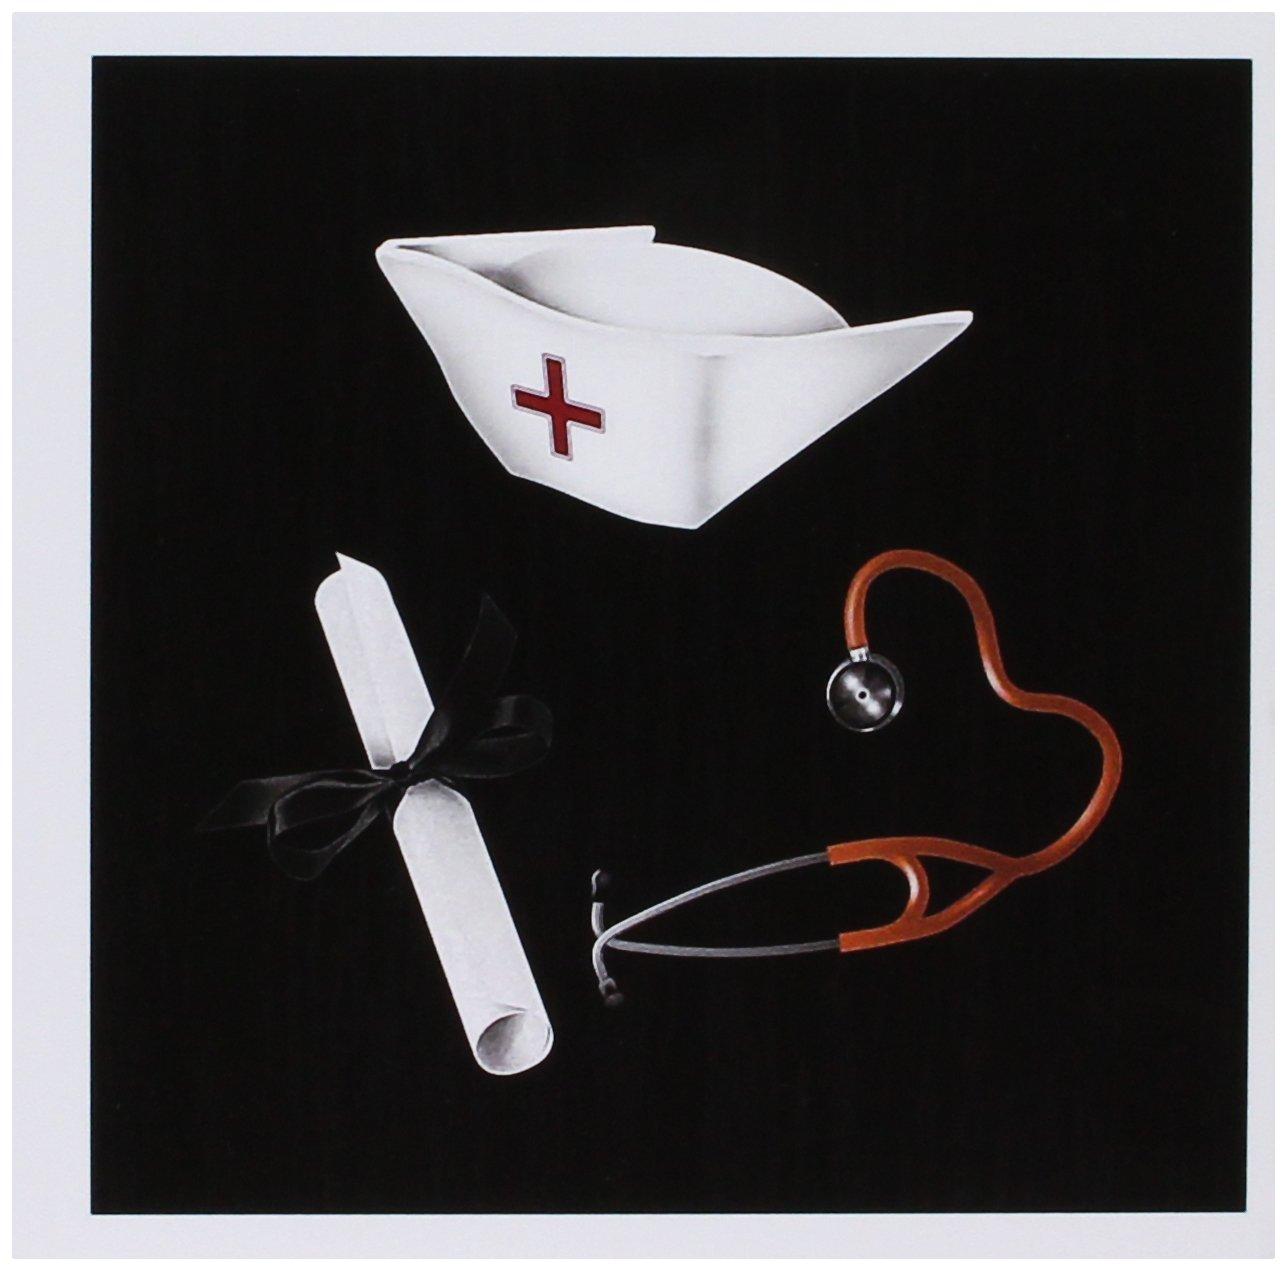 3dRose felicitación gc_184096_2 - Tarjeta de felicitación 3dRose (15,2 x 15,2 cm, 12 unidades), diseño de gorro de enfermera, diploma, estetoscopio, rojo y negro e01eaa